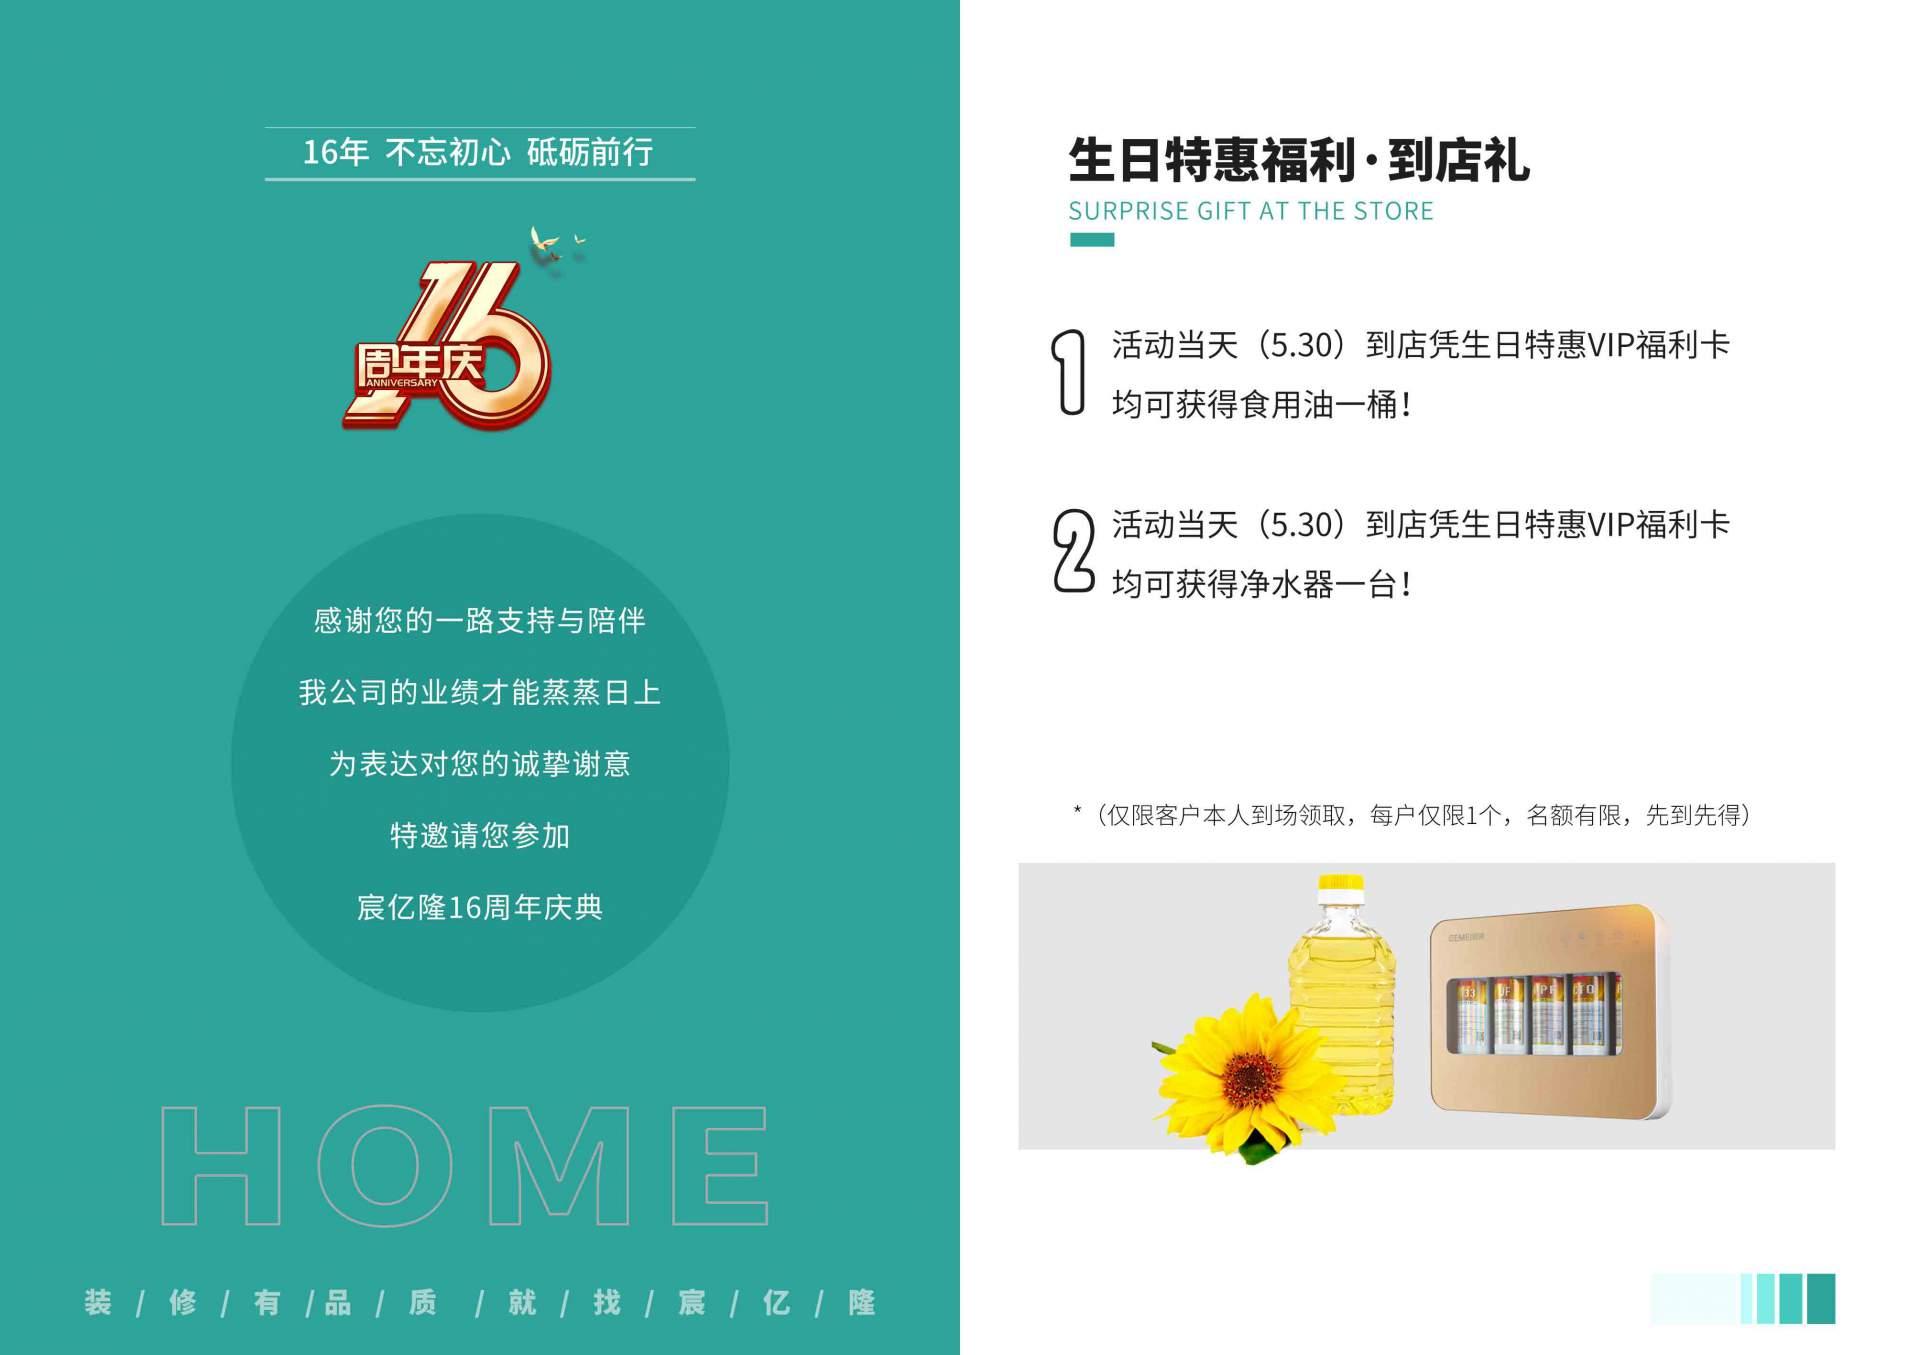 【宸亿隆】5月30日 十六周年生日惠 邀您共享喜悦~